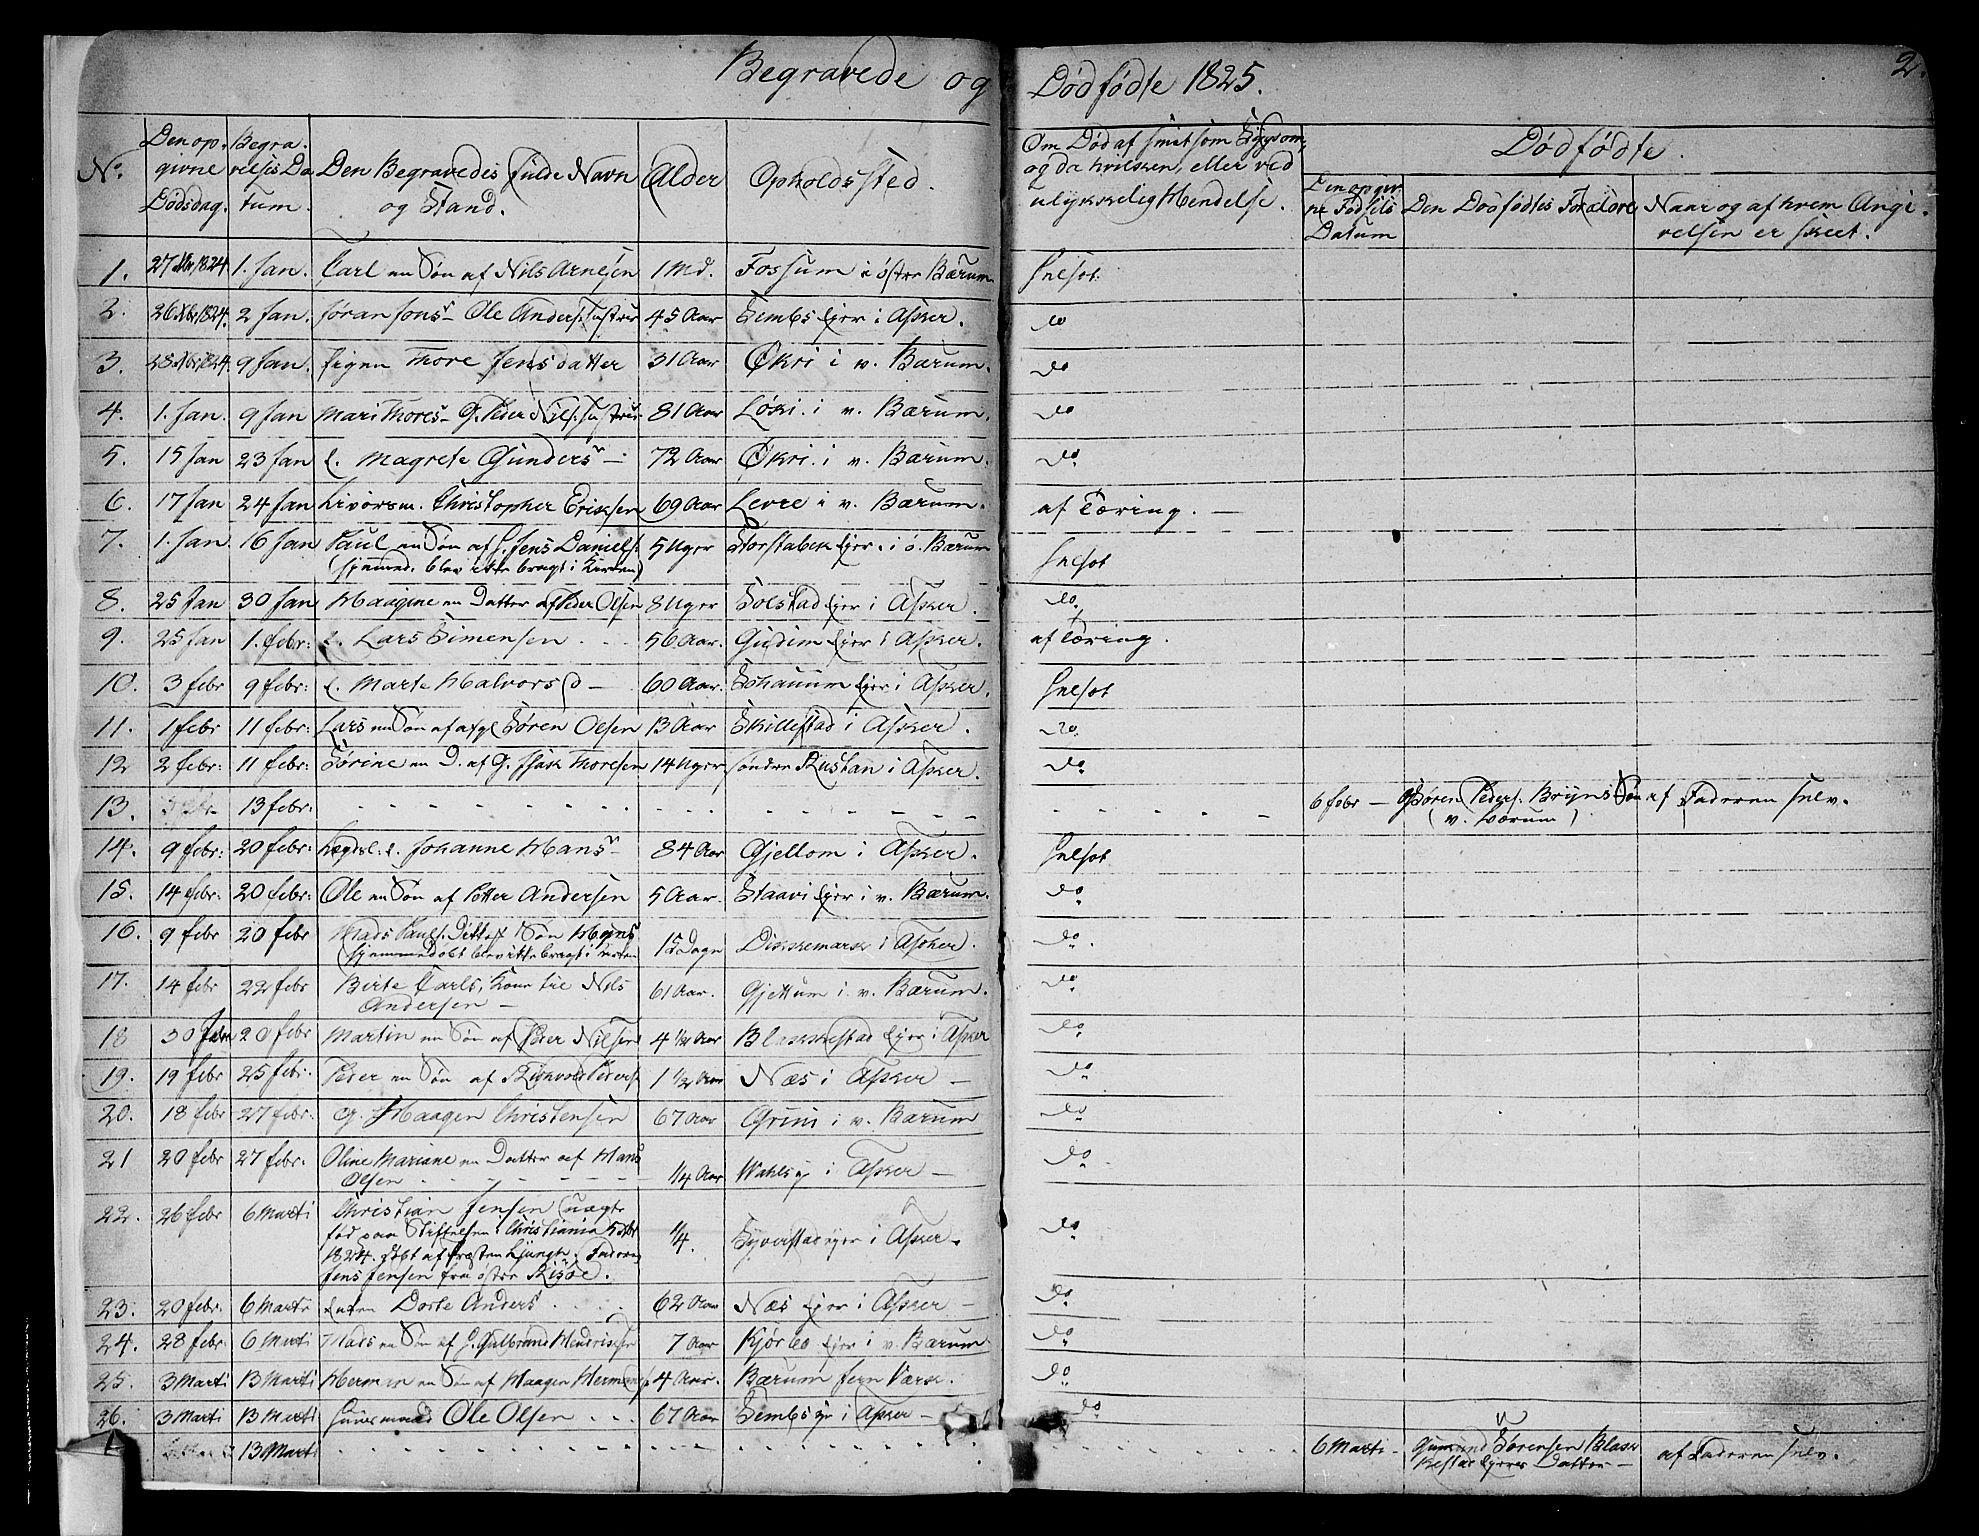 SAO, Asker prestekontor Kirkebøker, F/Fa/L0011: Ministerialbok nr. I 11, 1825-1878, s. 2